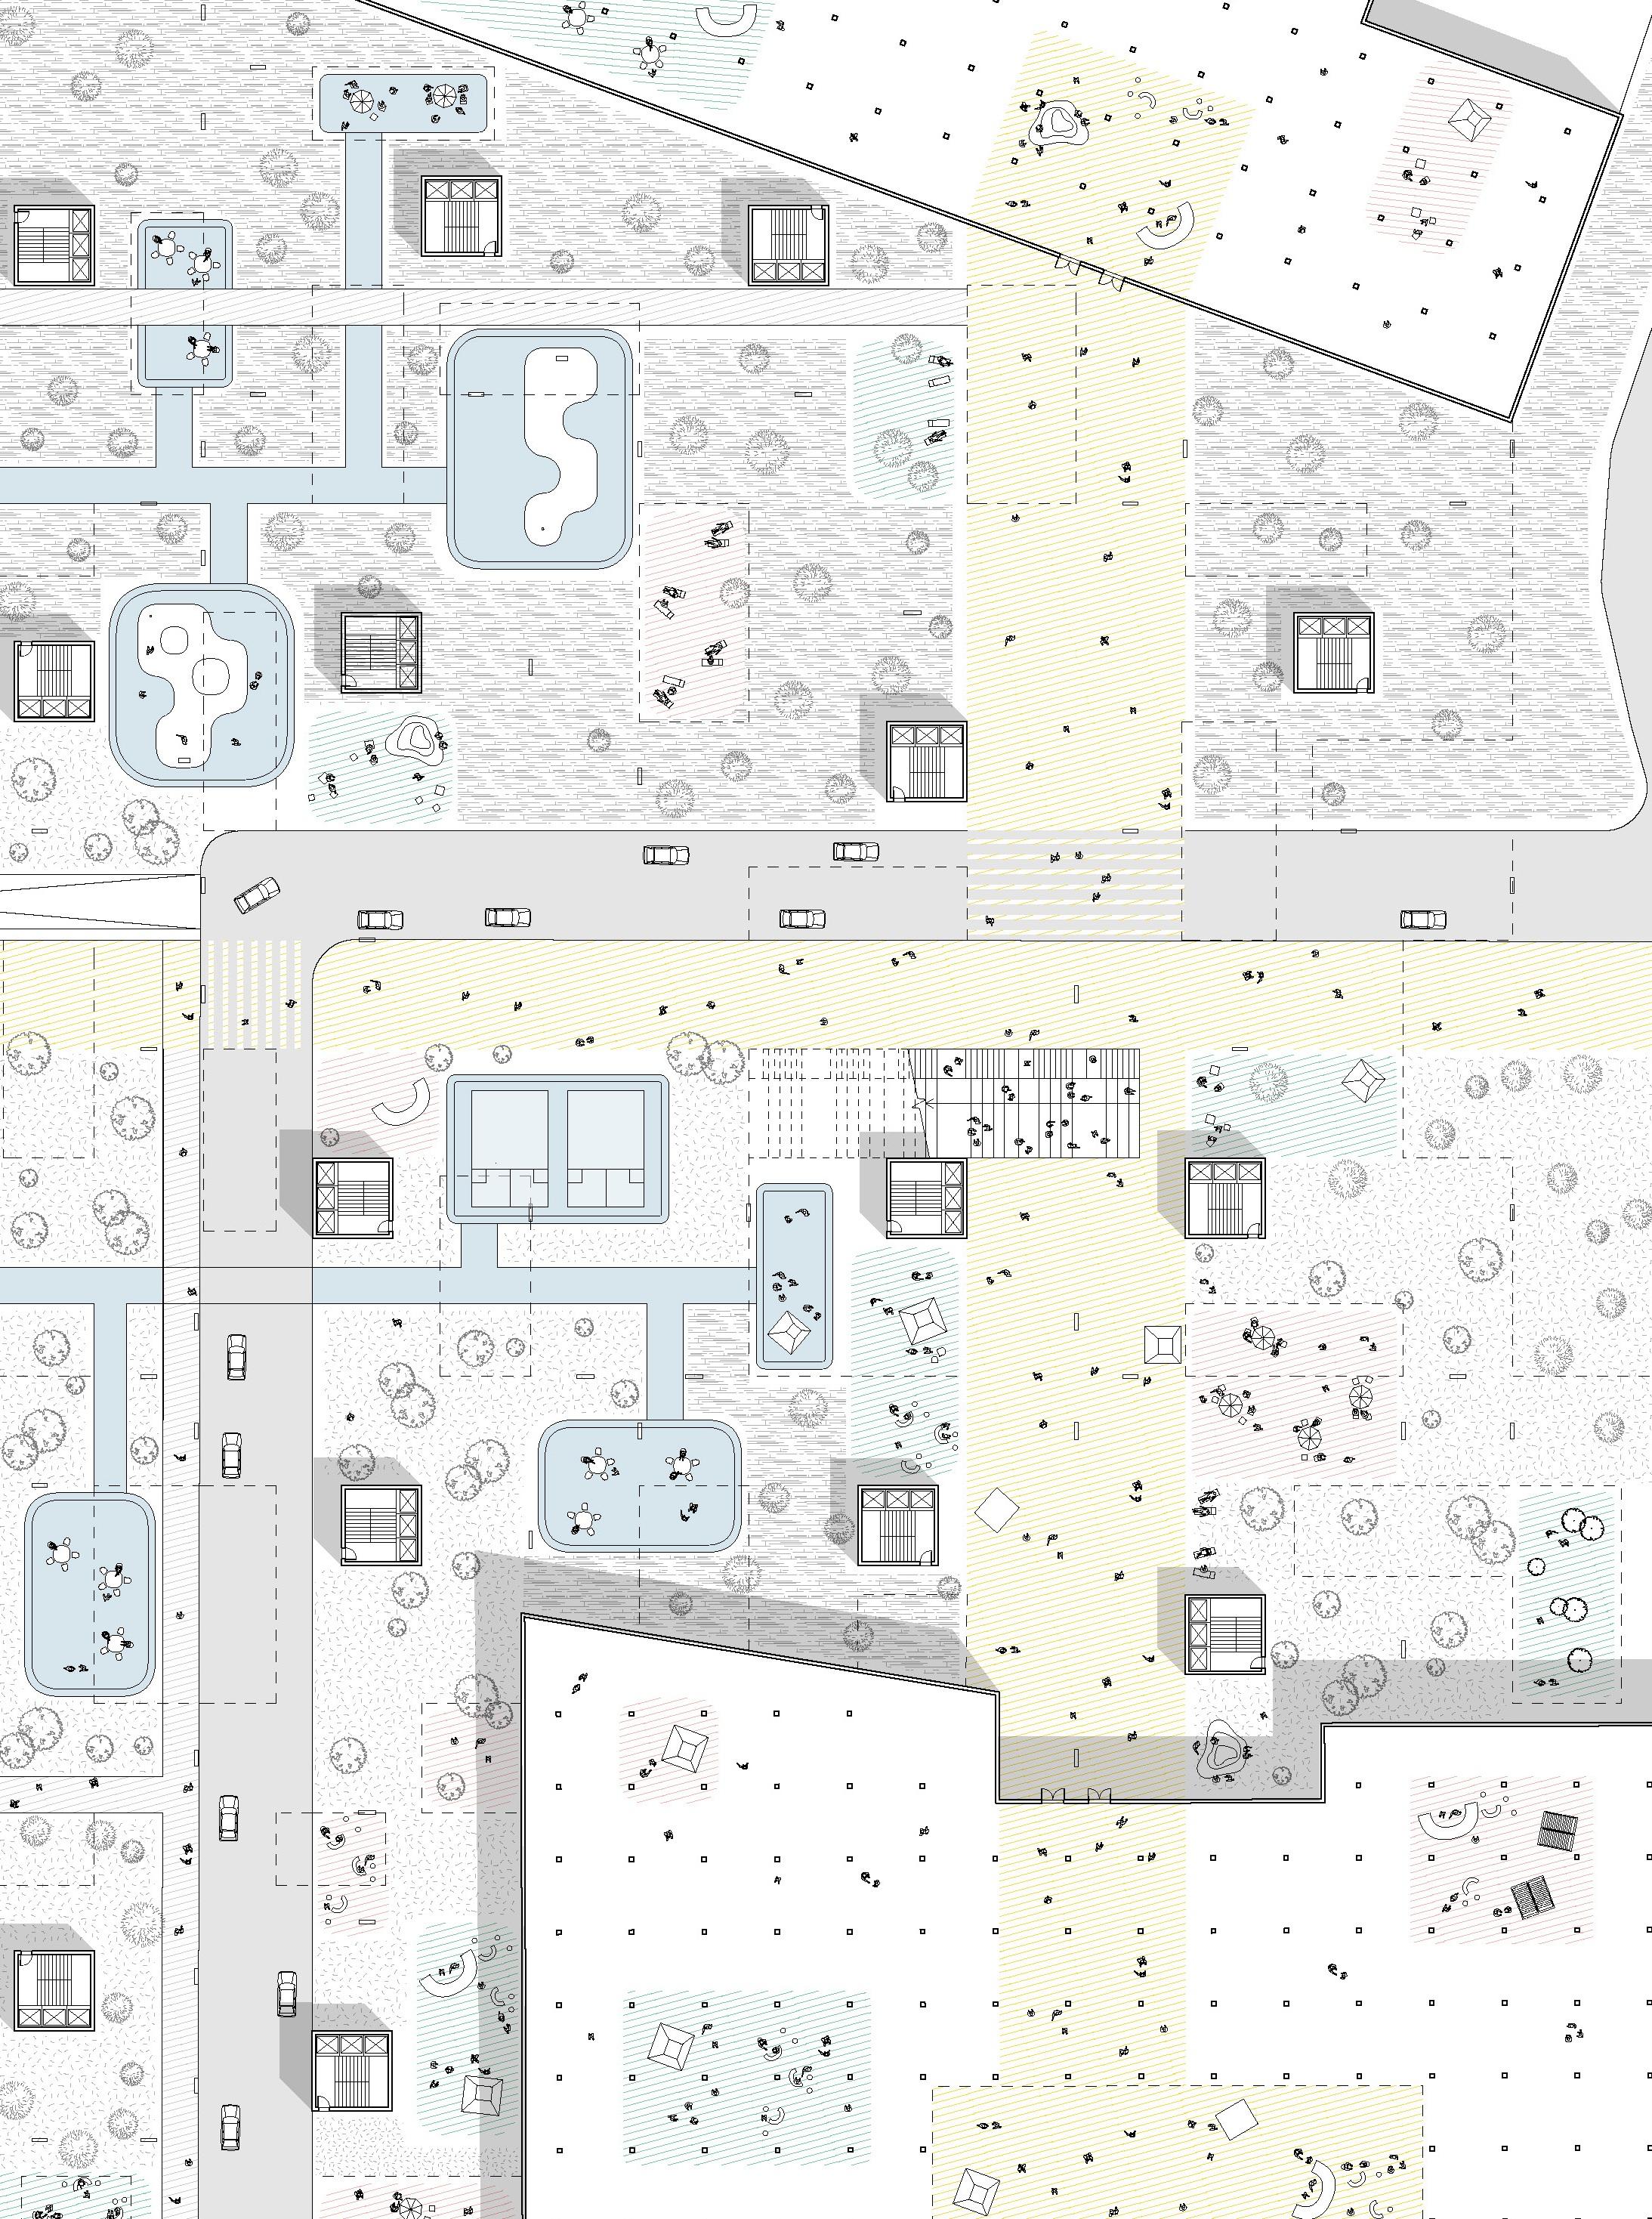 GF+Plan+zoom+in.jpg